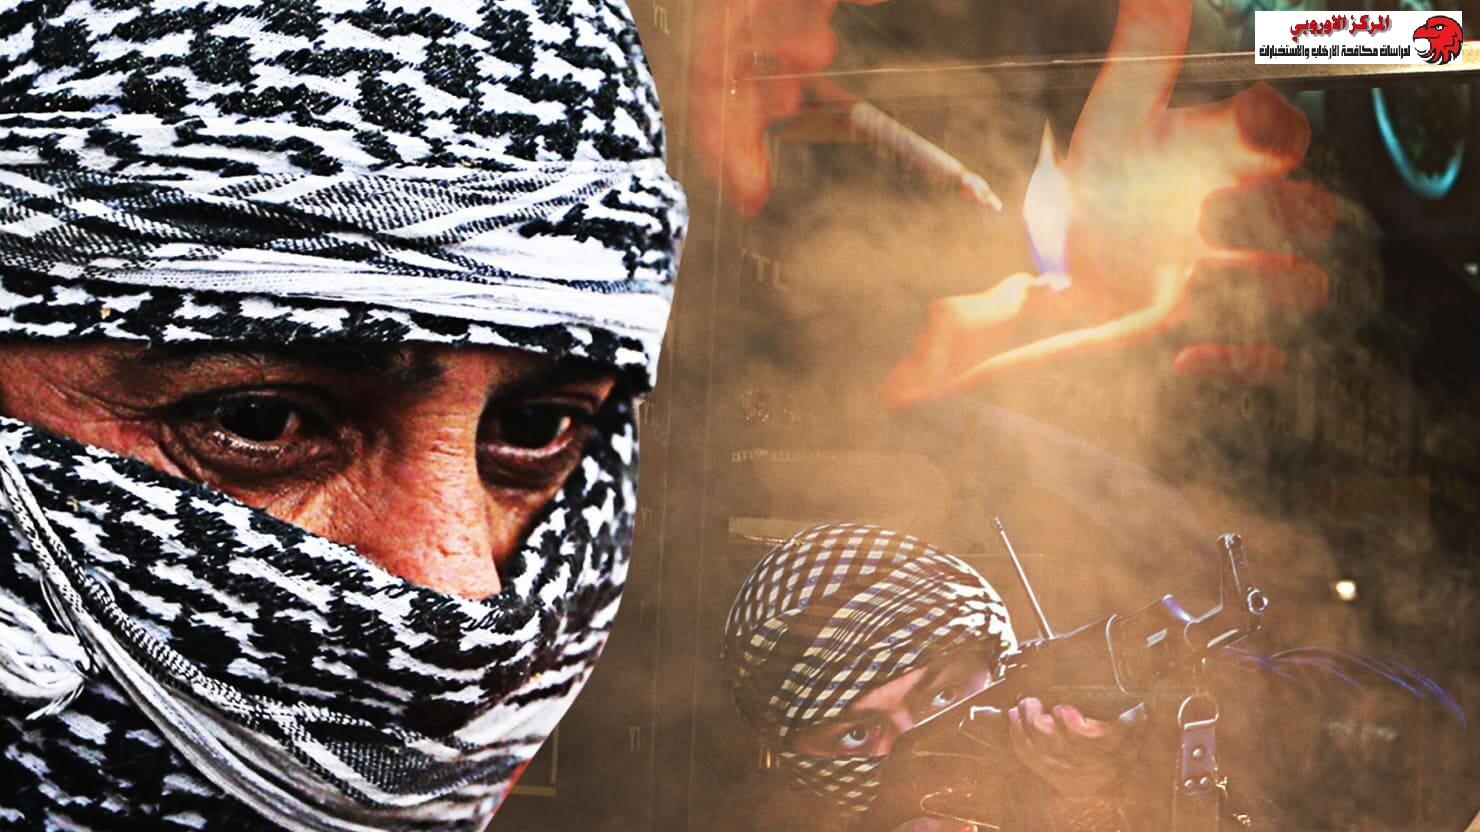 أجهزة إستخبارات داعش ..التجسس ومكافحة التجسس ـ بقلم شيماء عز العرب